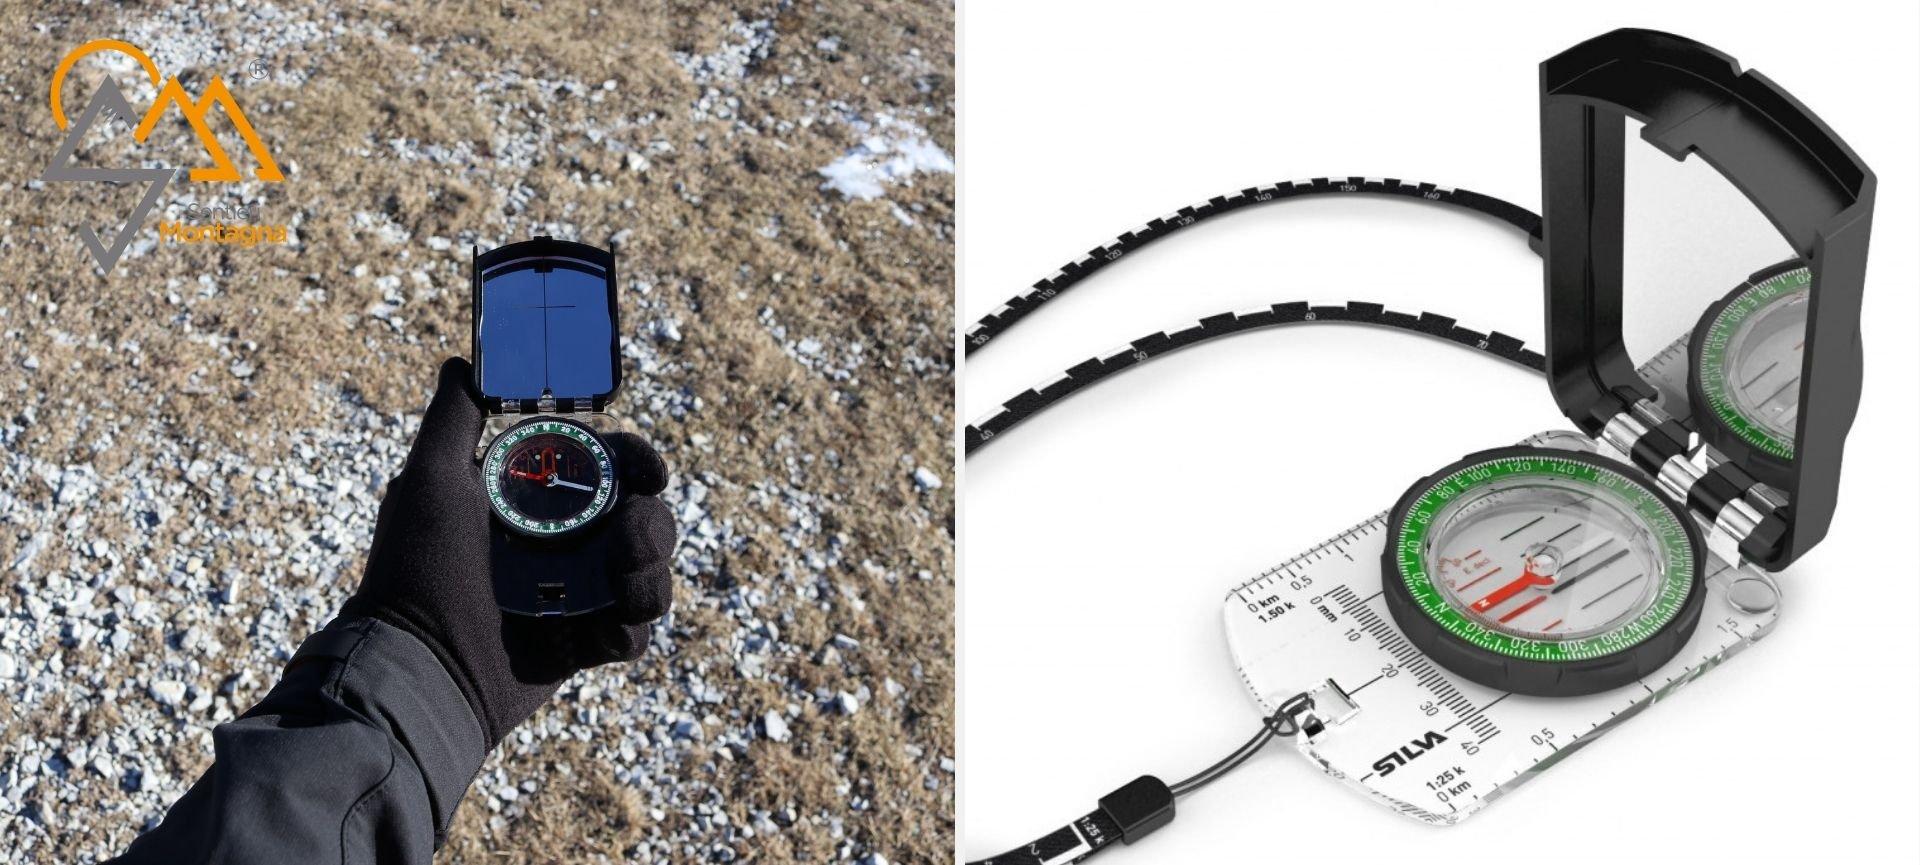 buy popular bc099 6c979 ATTREZZATURA Trekking - Sentieri Montagna